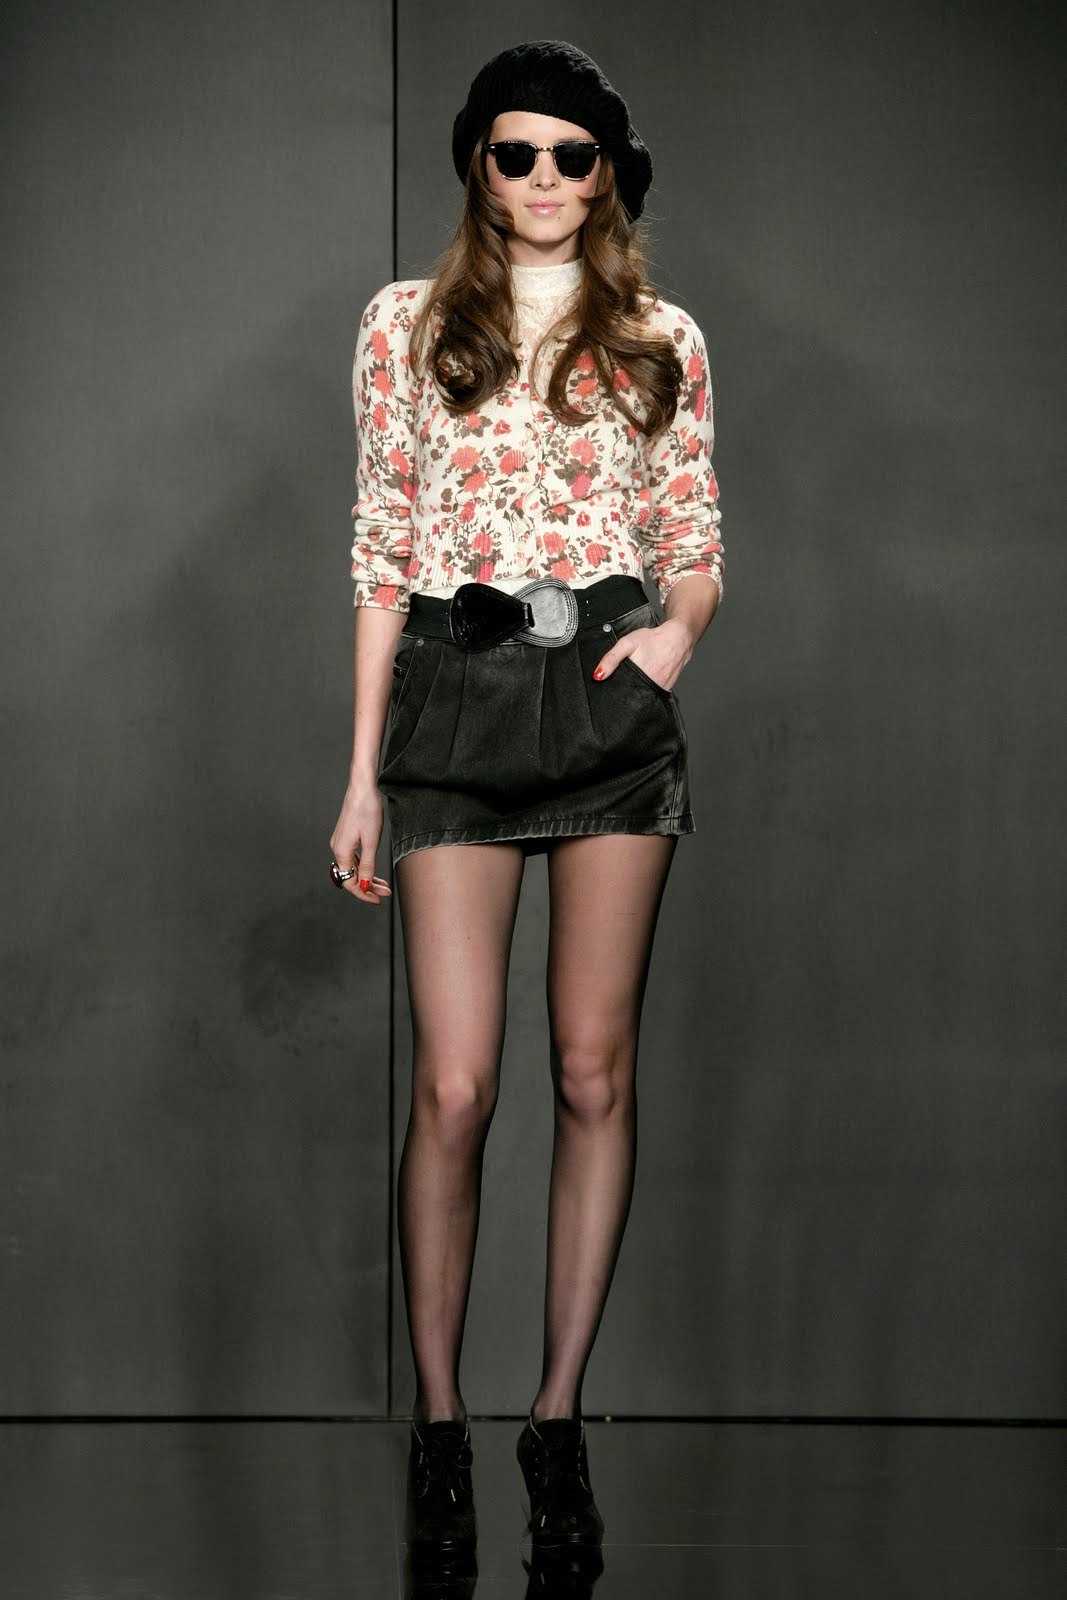 Lookbook Pepe Jeans, Otoño-Invierno 2010/2011: conjuntos jóvenes y modernos